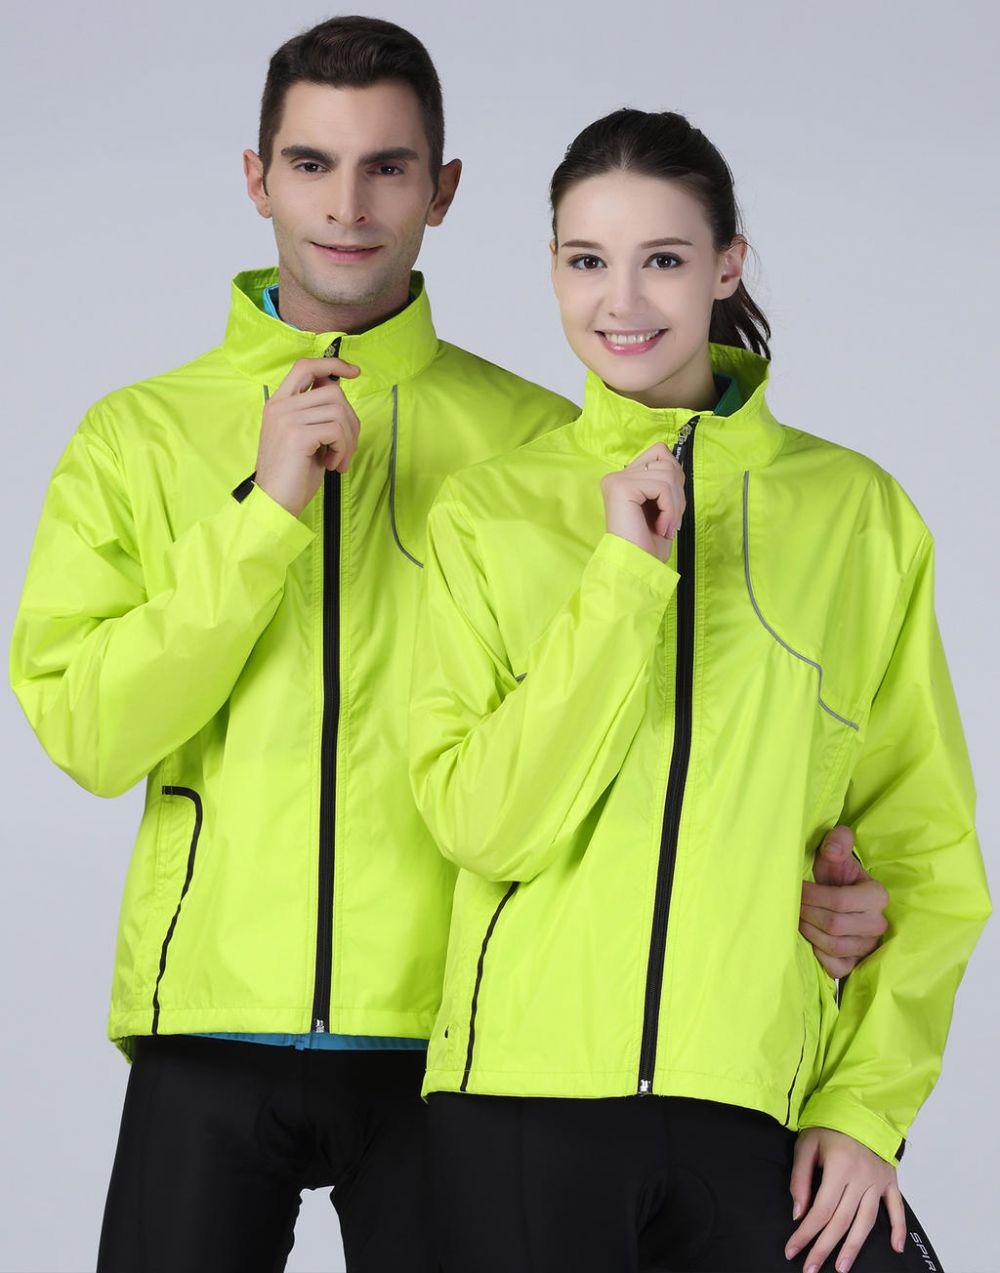 Equipaciones deportivas result chaqueta ciclismo spiro vista 3